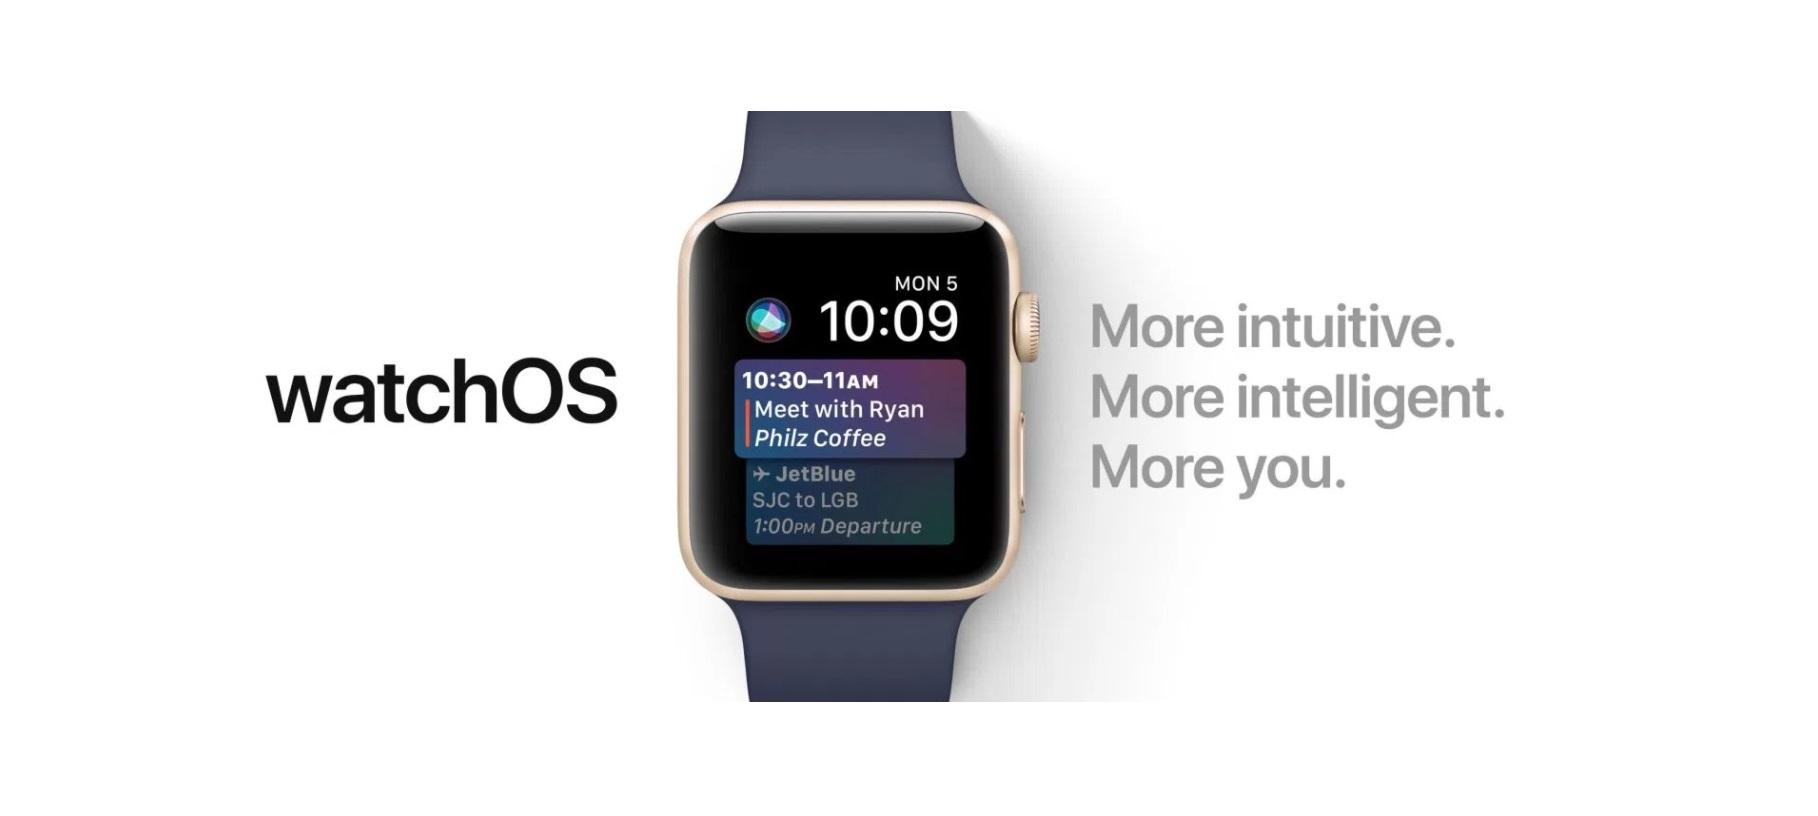 اپل نسخه پنجم بتای WatchOS 4 را برای توسعه دهندگان منتشر کرد